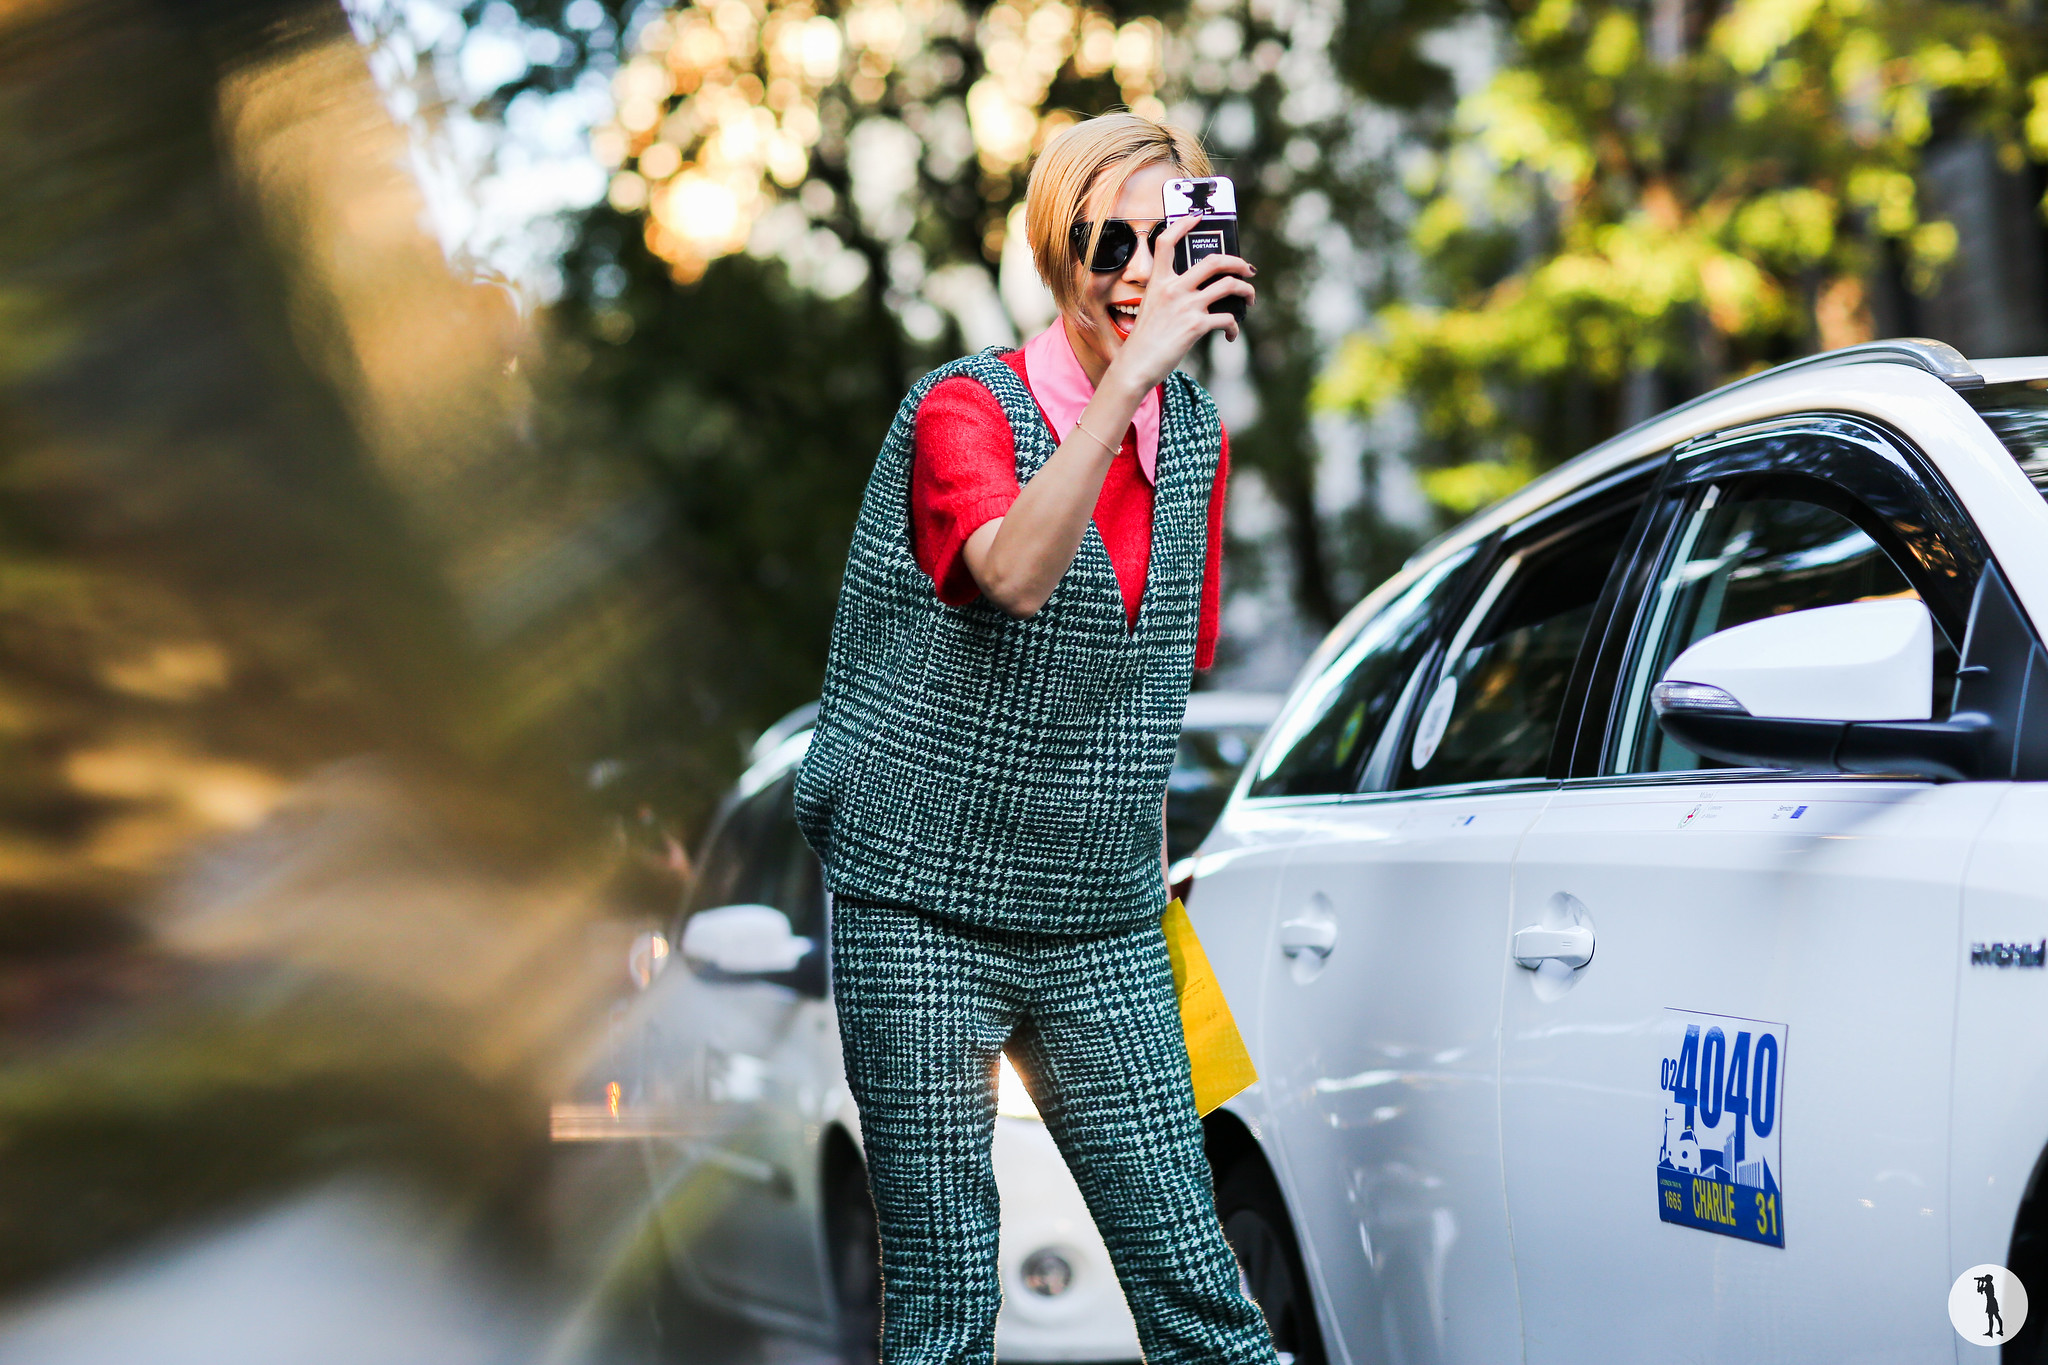 NaYoung Keem at Milan Fashion Week